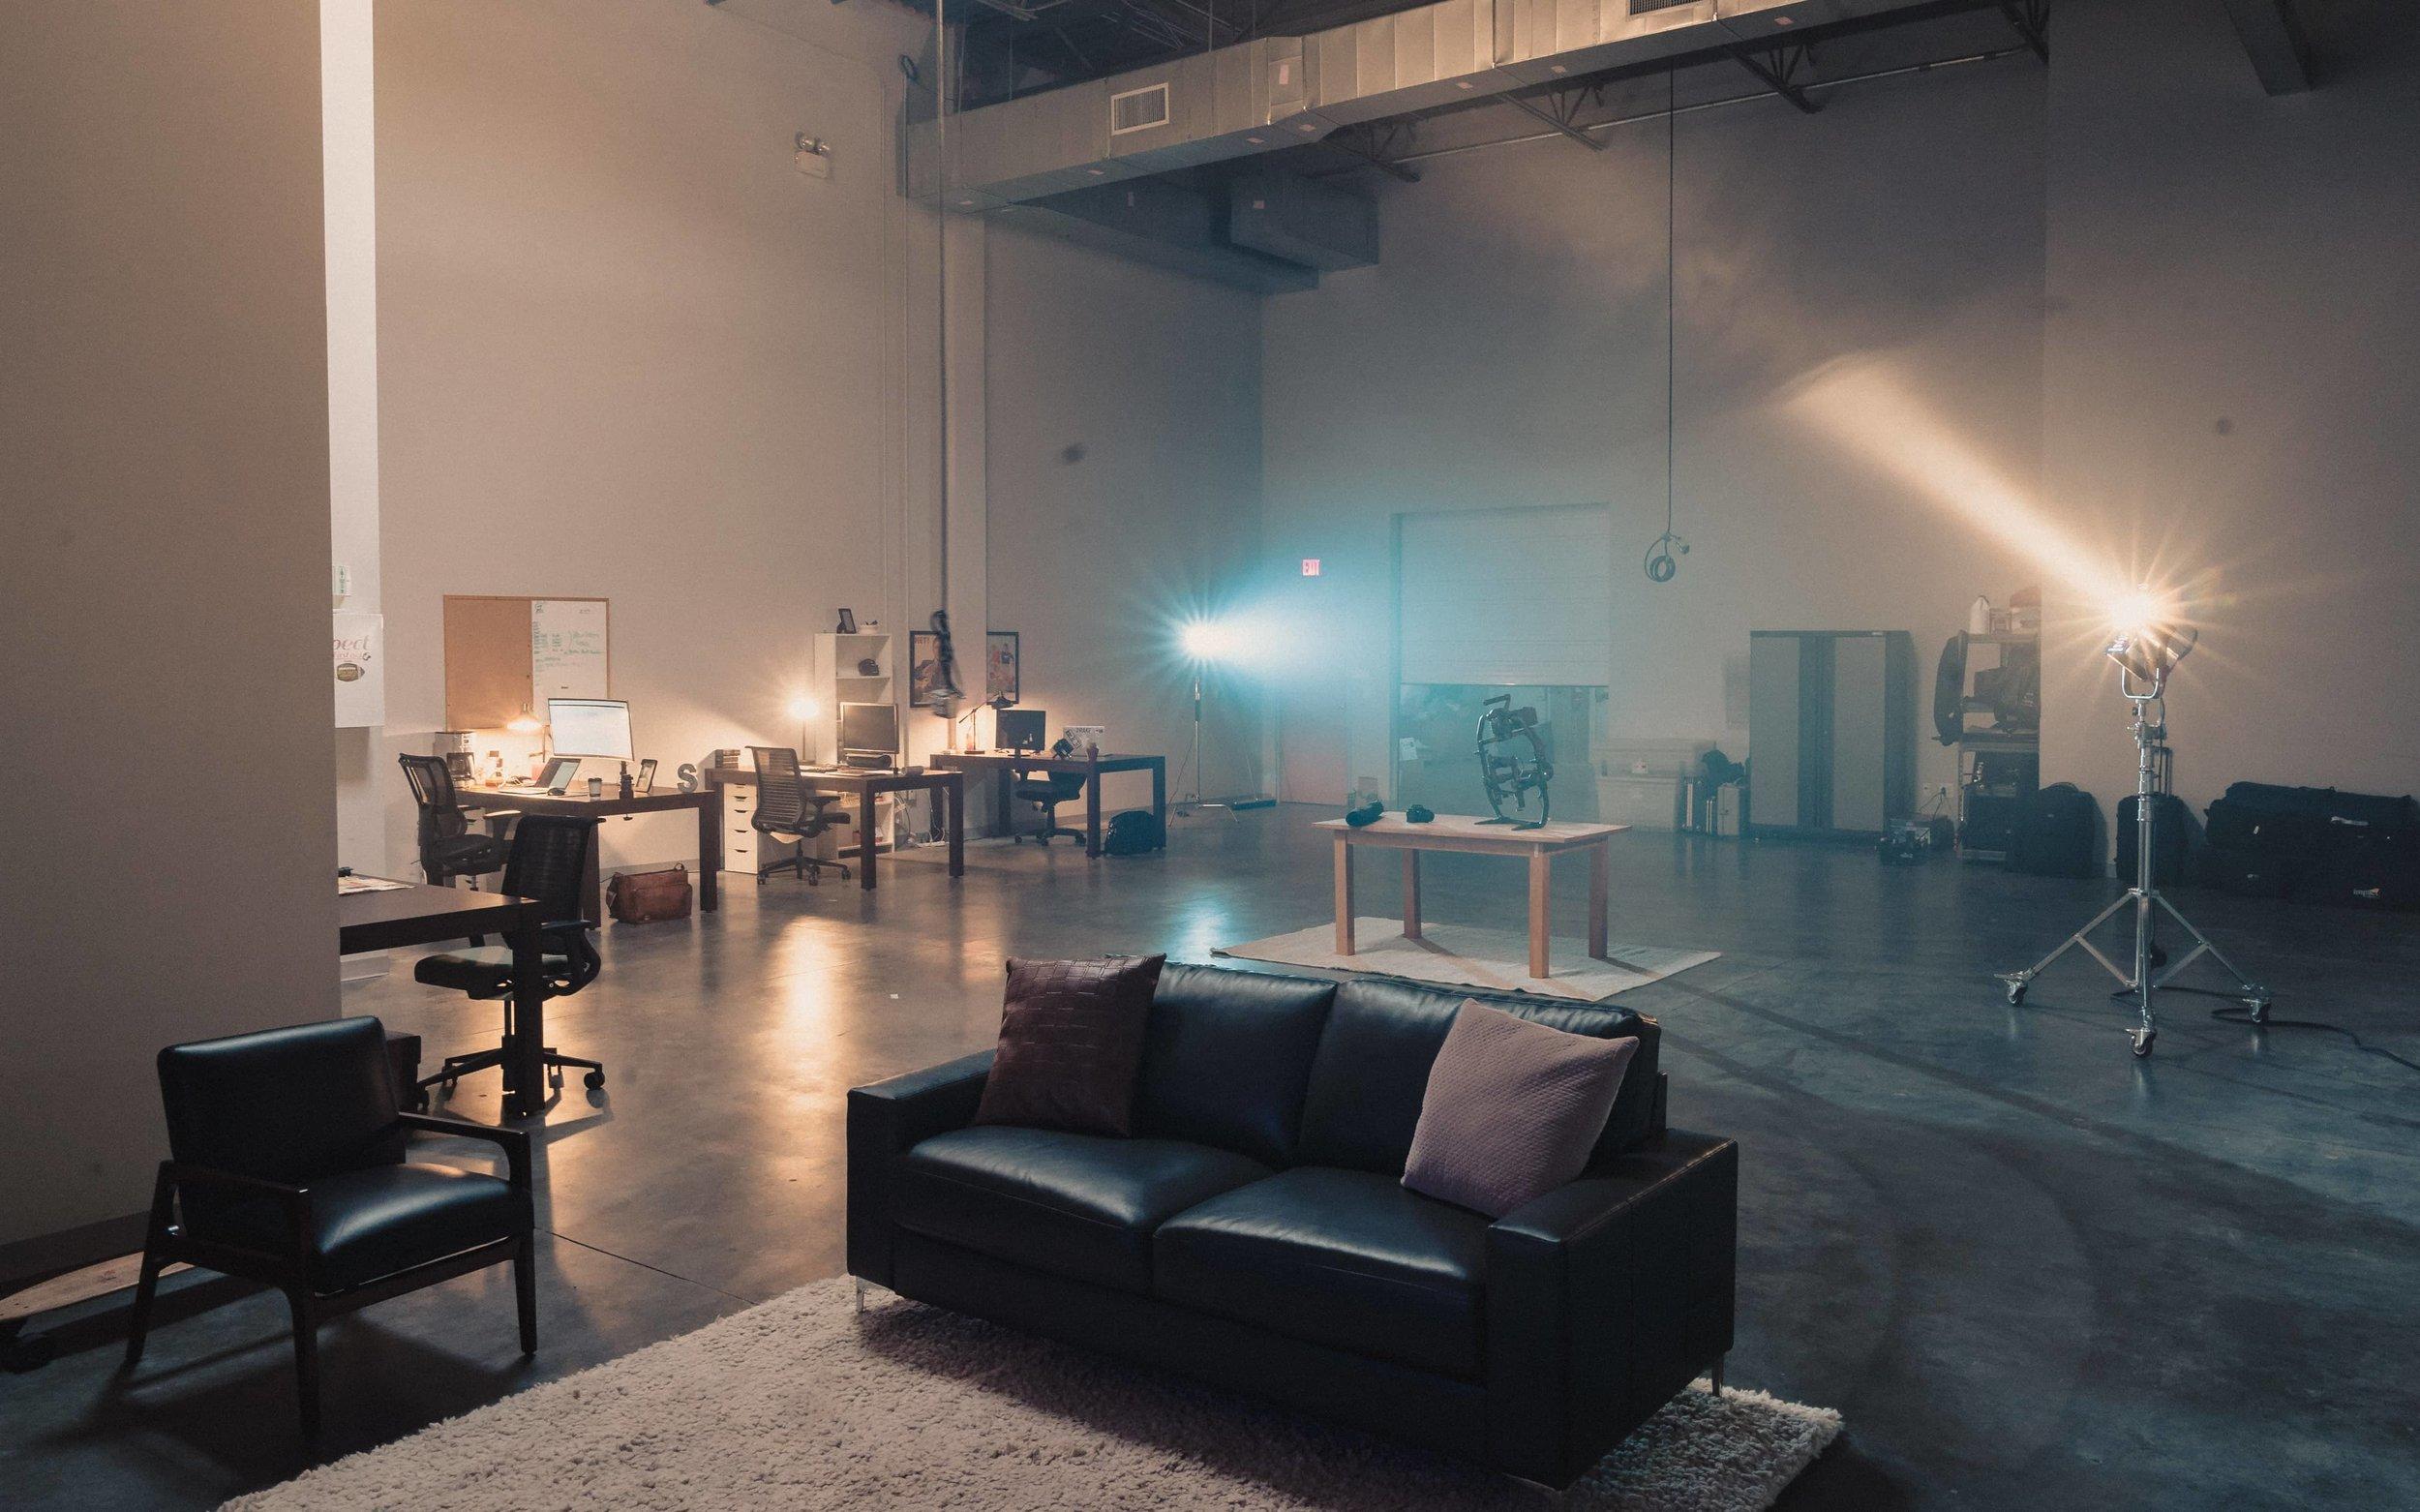 Digital Spark Studios Digs Jan 2019-3.jpg